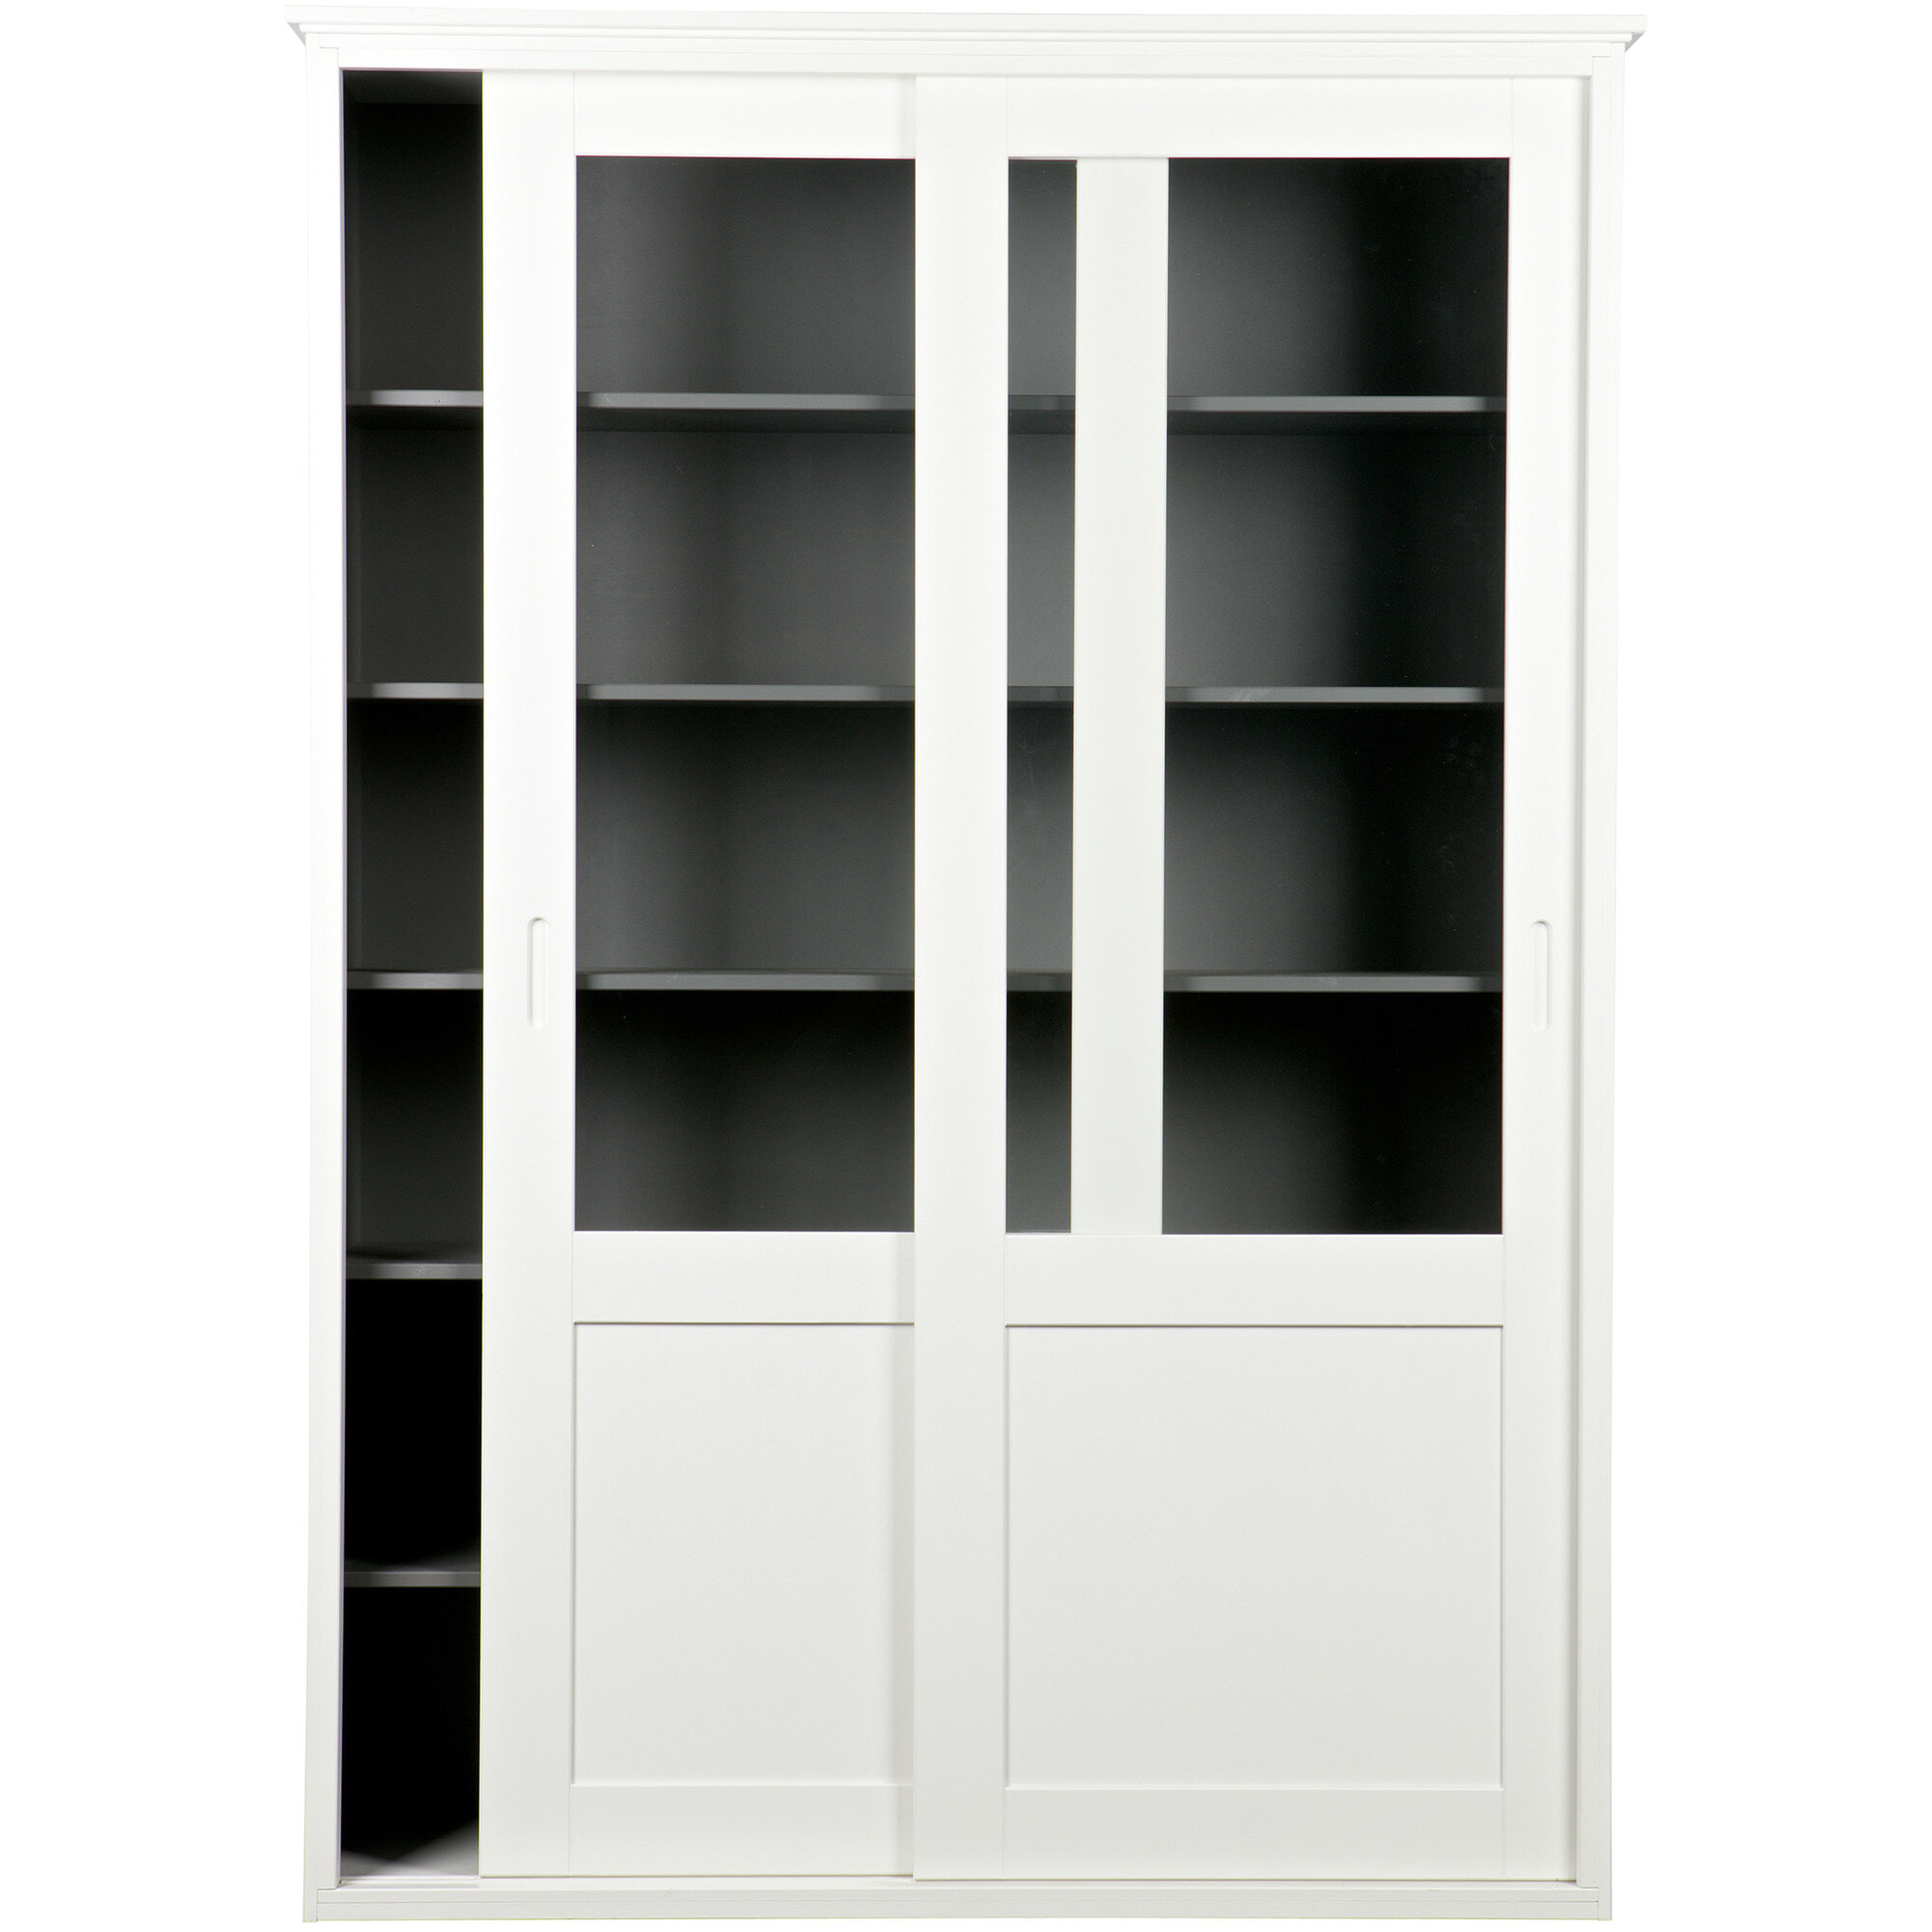 Op Design & Trends: Alles voor de inrichting van uw woning is alles over meubelen te vinden: waaronder meubelpartner en specifiek WOOOD Vitrinekast Vince met schuifdeuren, kleur wit (WOOOD-Vitrinekast-Vince-met-schuifdeuren-kleur-wit20856)